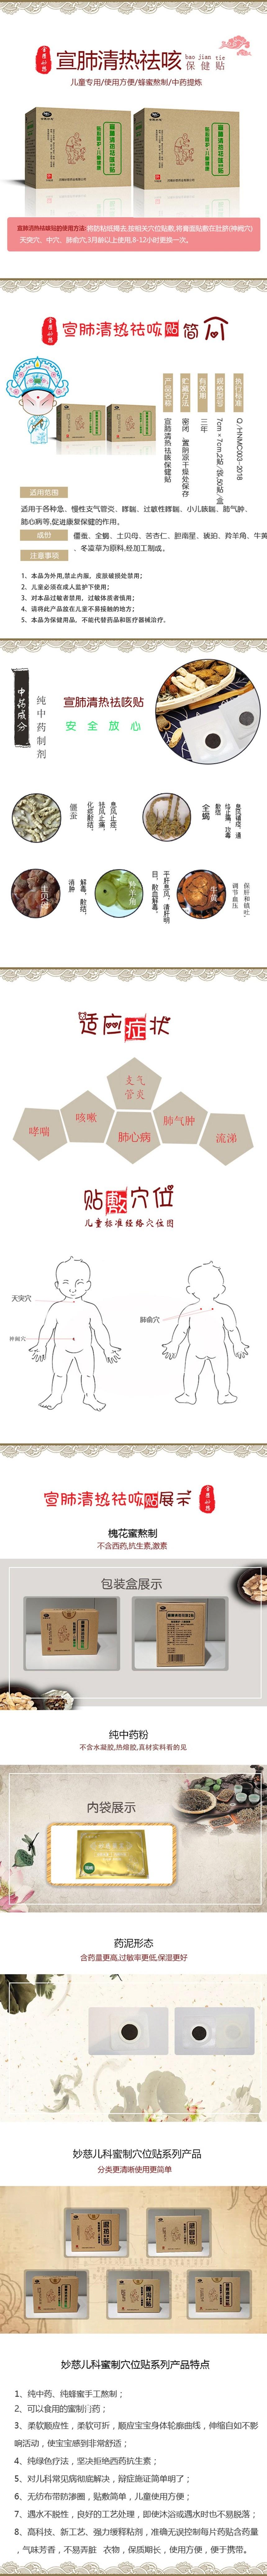 兒科系列5金匱妙慈宣肺清熱祛咳貼.jpg